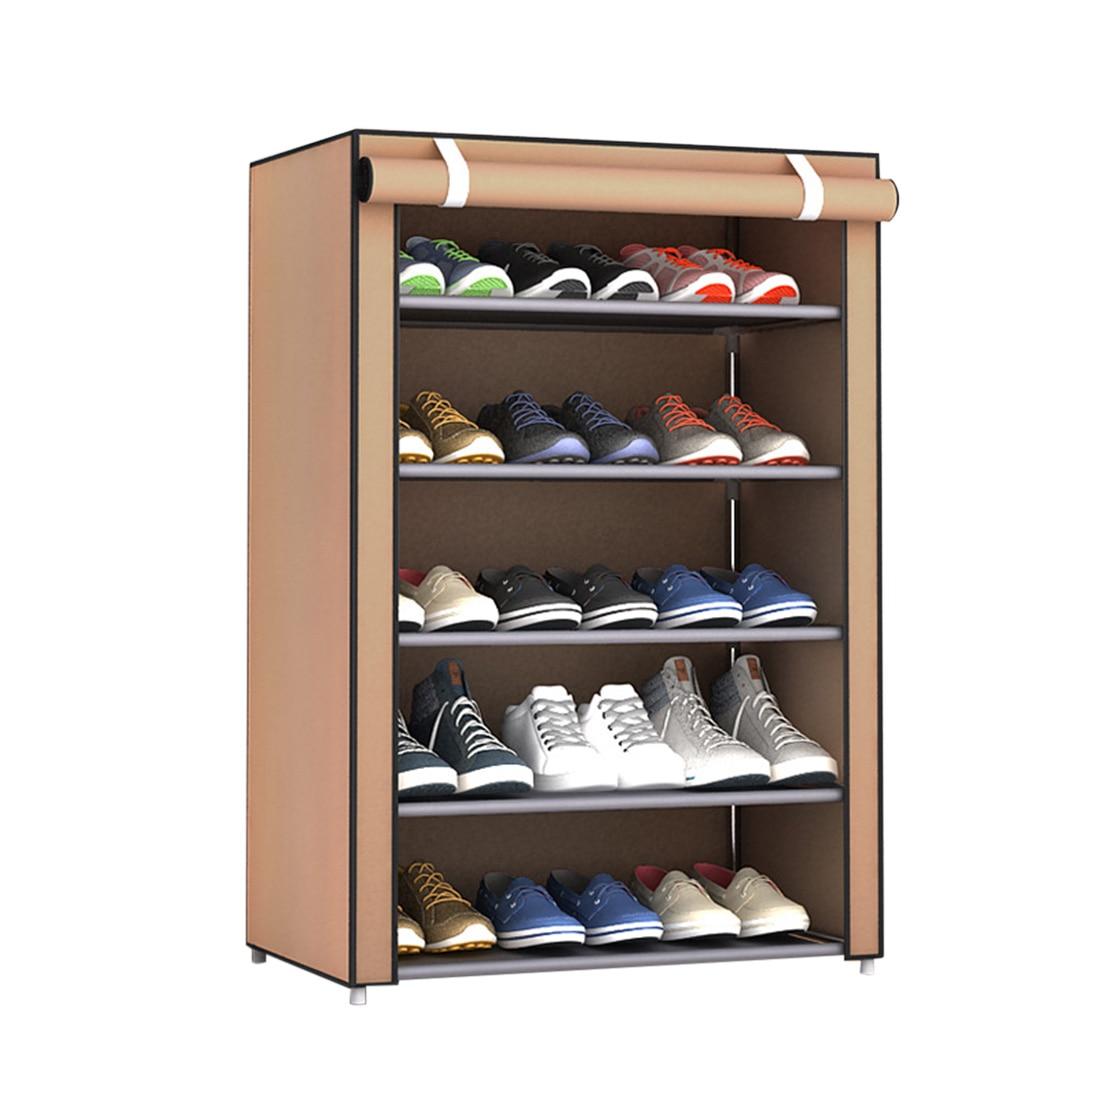 1 قطعة 6 طبقات حذاء رف الغبار واقية عالية قدرة التخزين مجلس الوزراء الأحذية الرف حامل حامل رفوف-الفضة رمادي القهوة